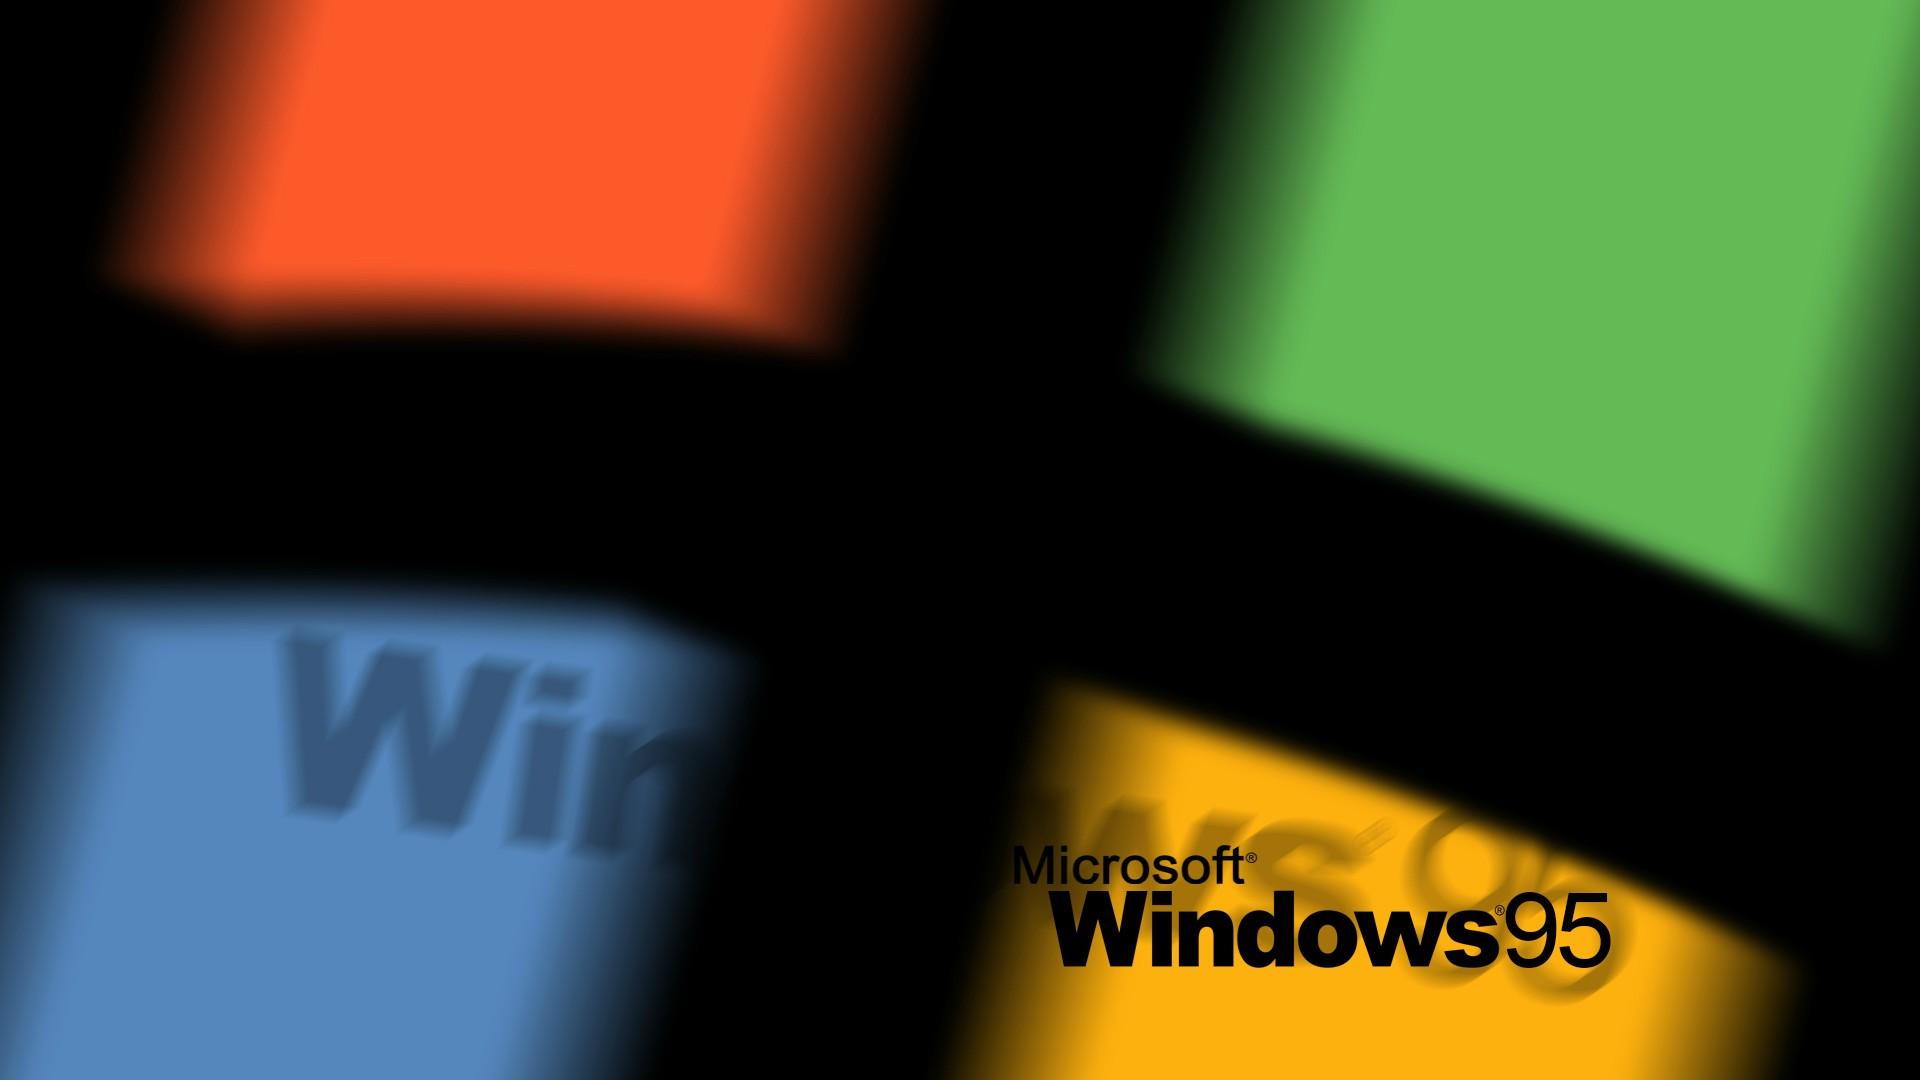 original windows 95 wallpaper wallpapersafari